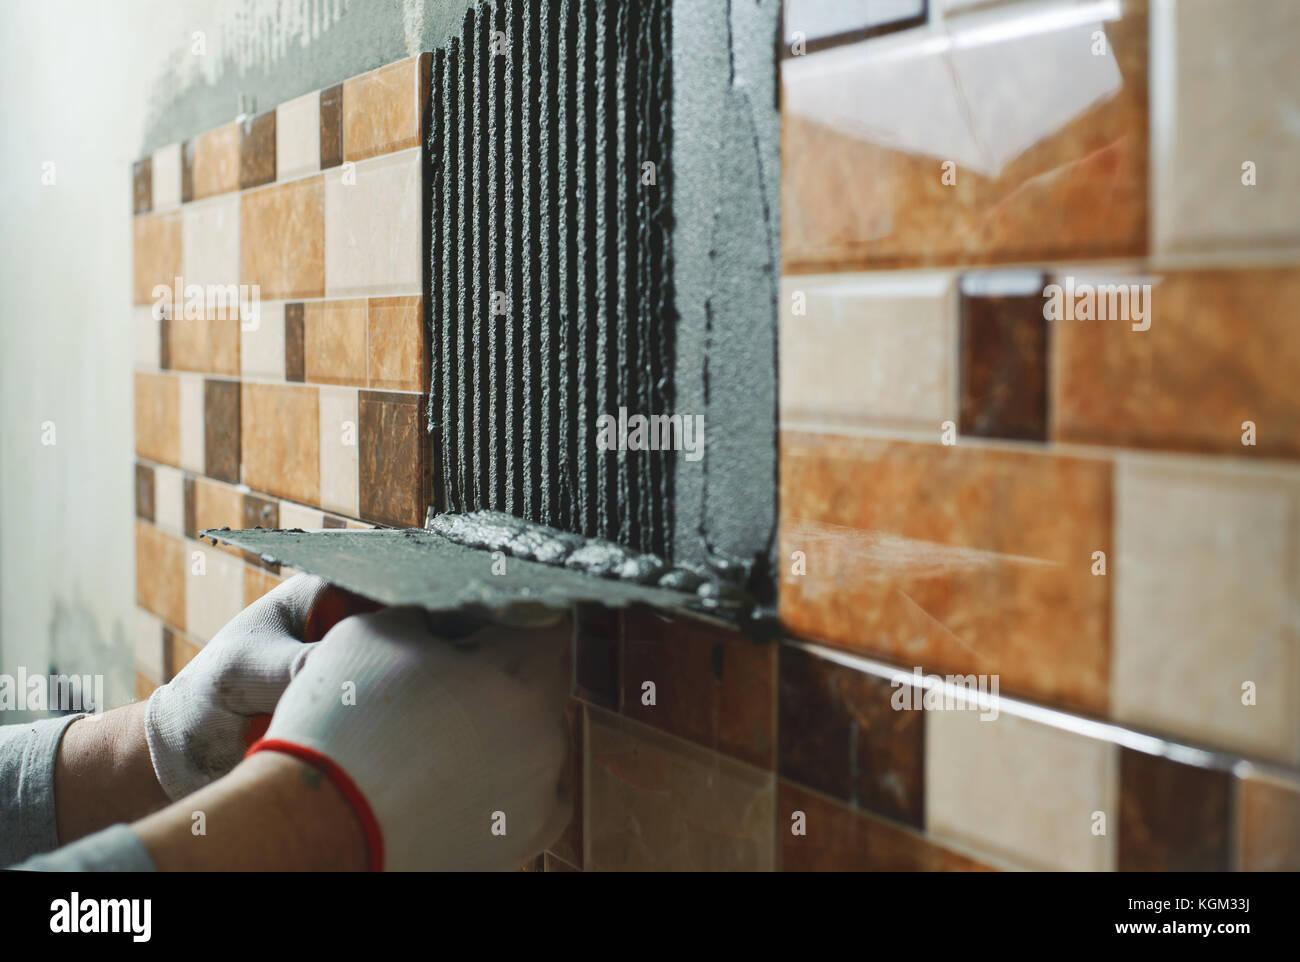 Laying ceramic tiles tiler deals tile adhesive on the wall stock laying ceramic tiles tiler deals tile adhesive on the wall dailygadgetfo Choice Image